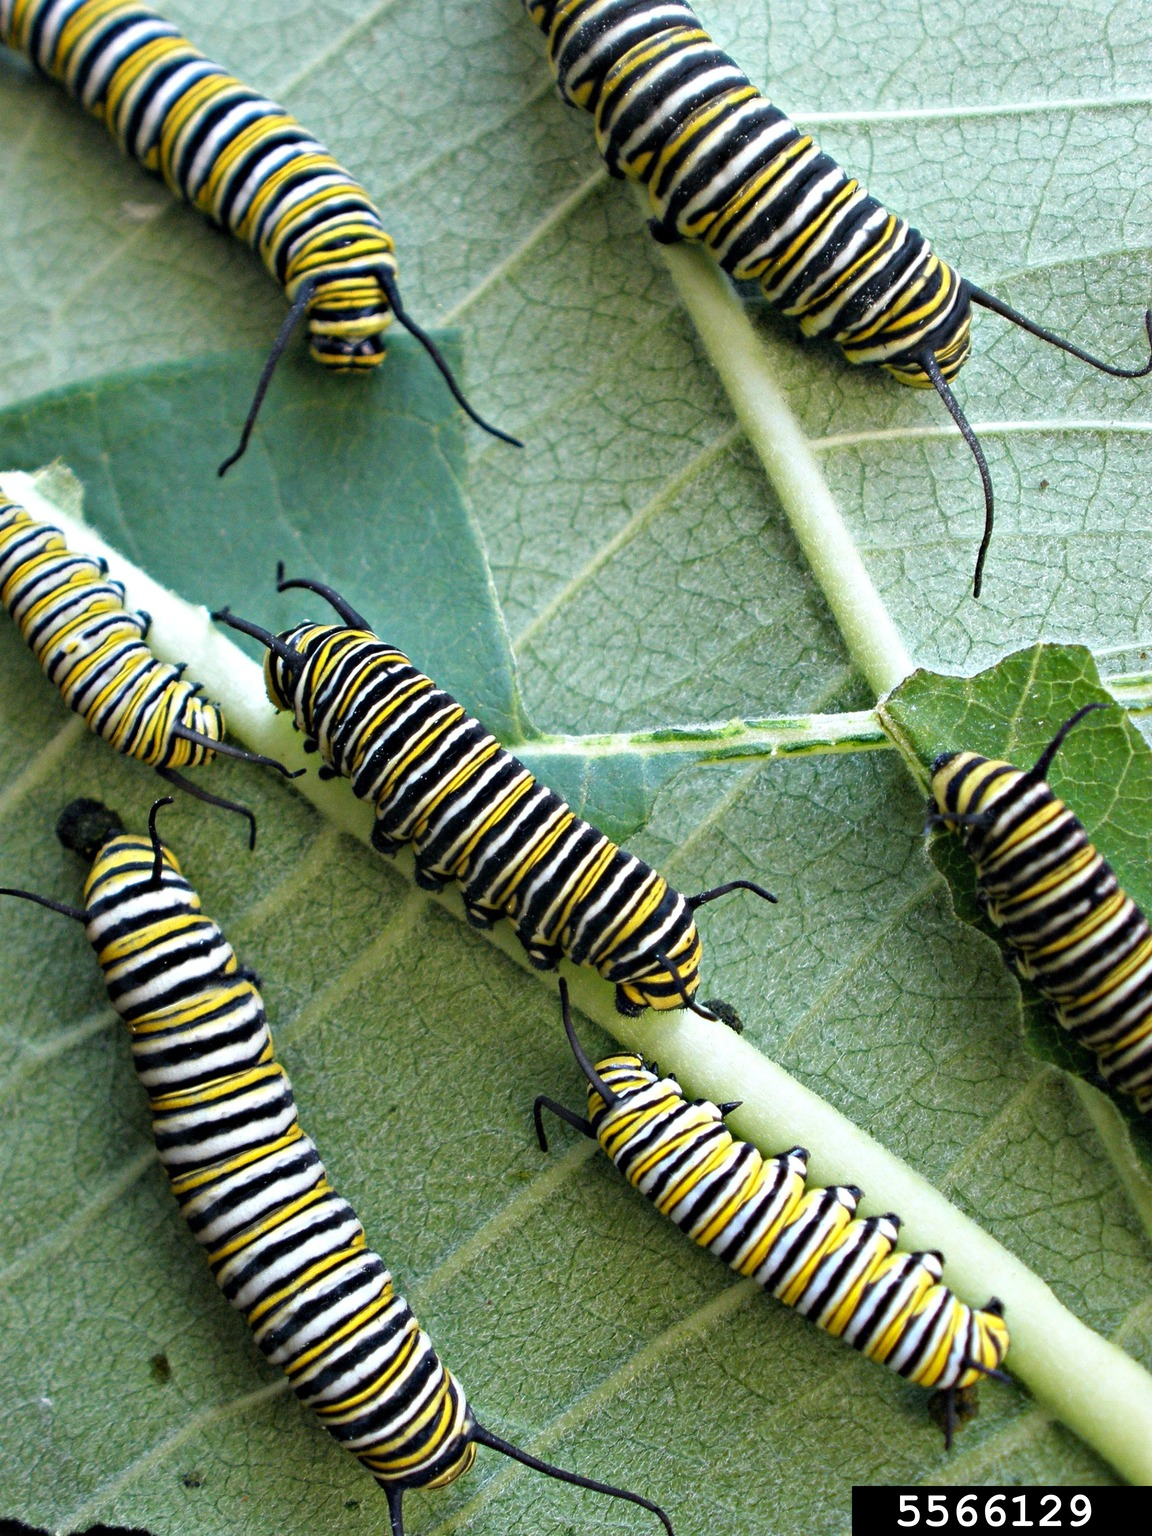 Monarch Butterfly Danaus Plexippus On Common Milkweed